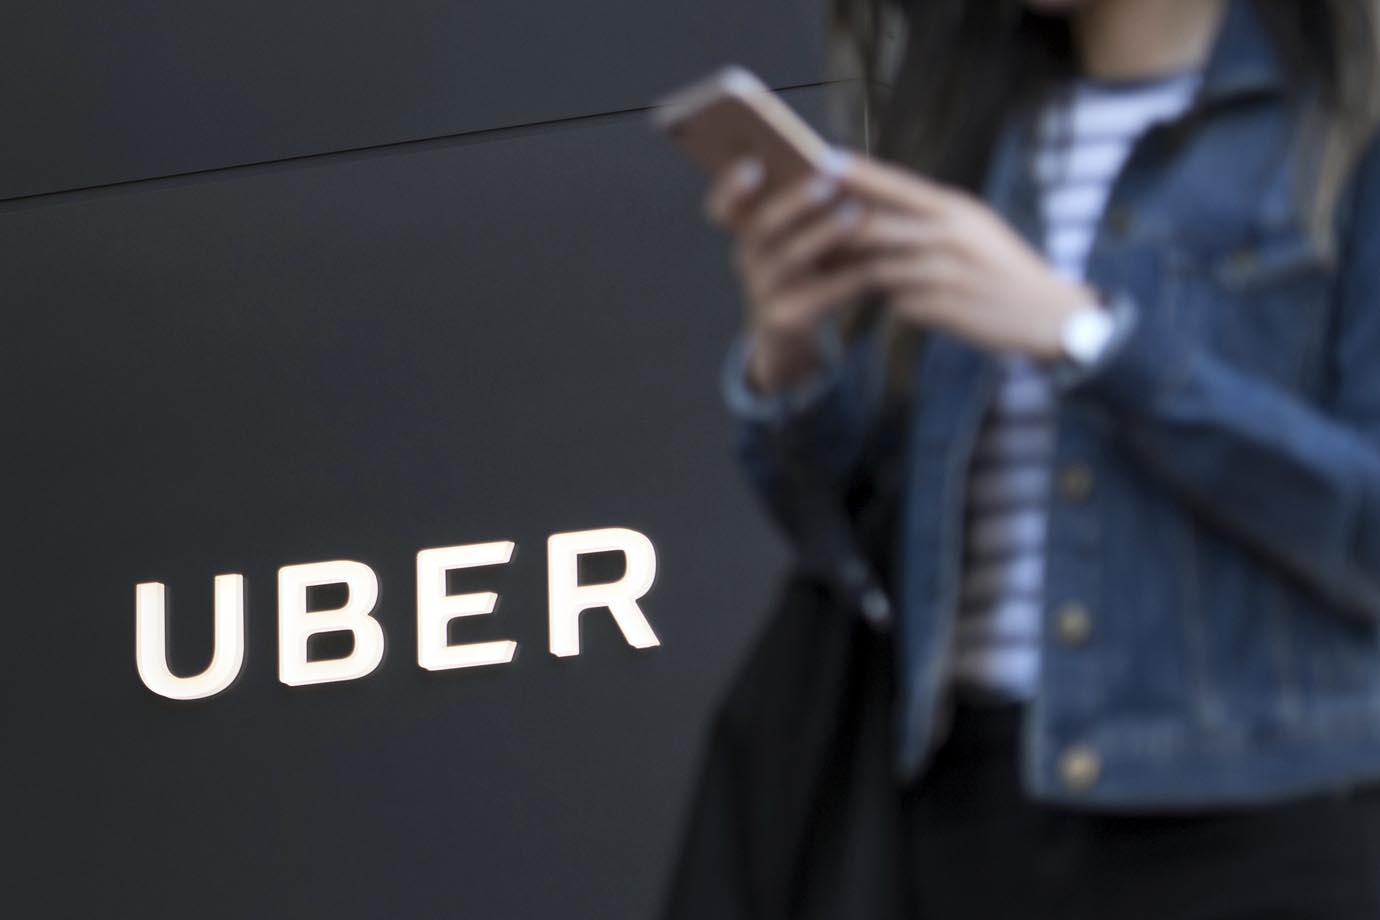 Pedestre utiliza smartphone em frente à sede da Uber em São Francisco.